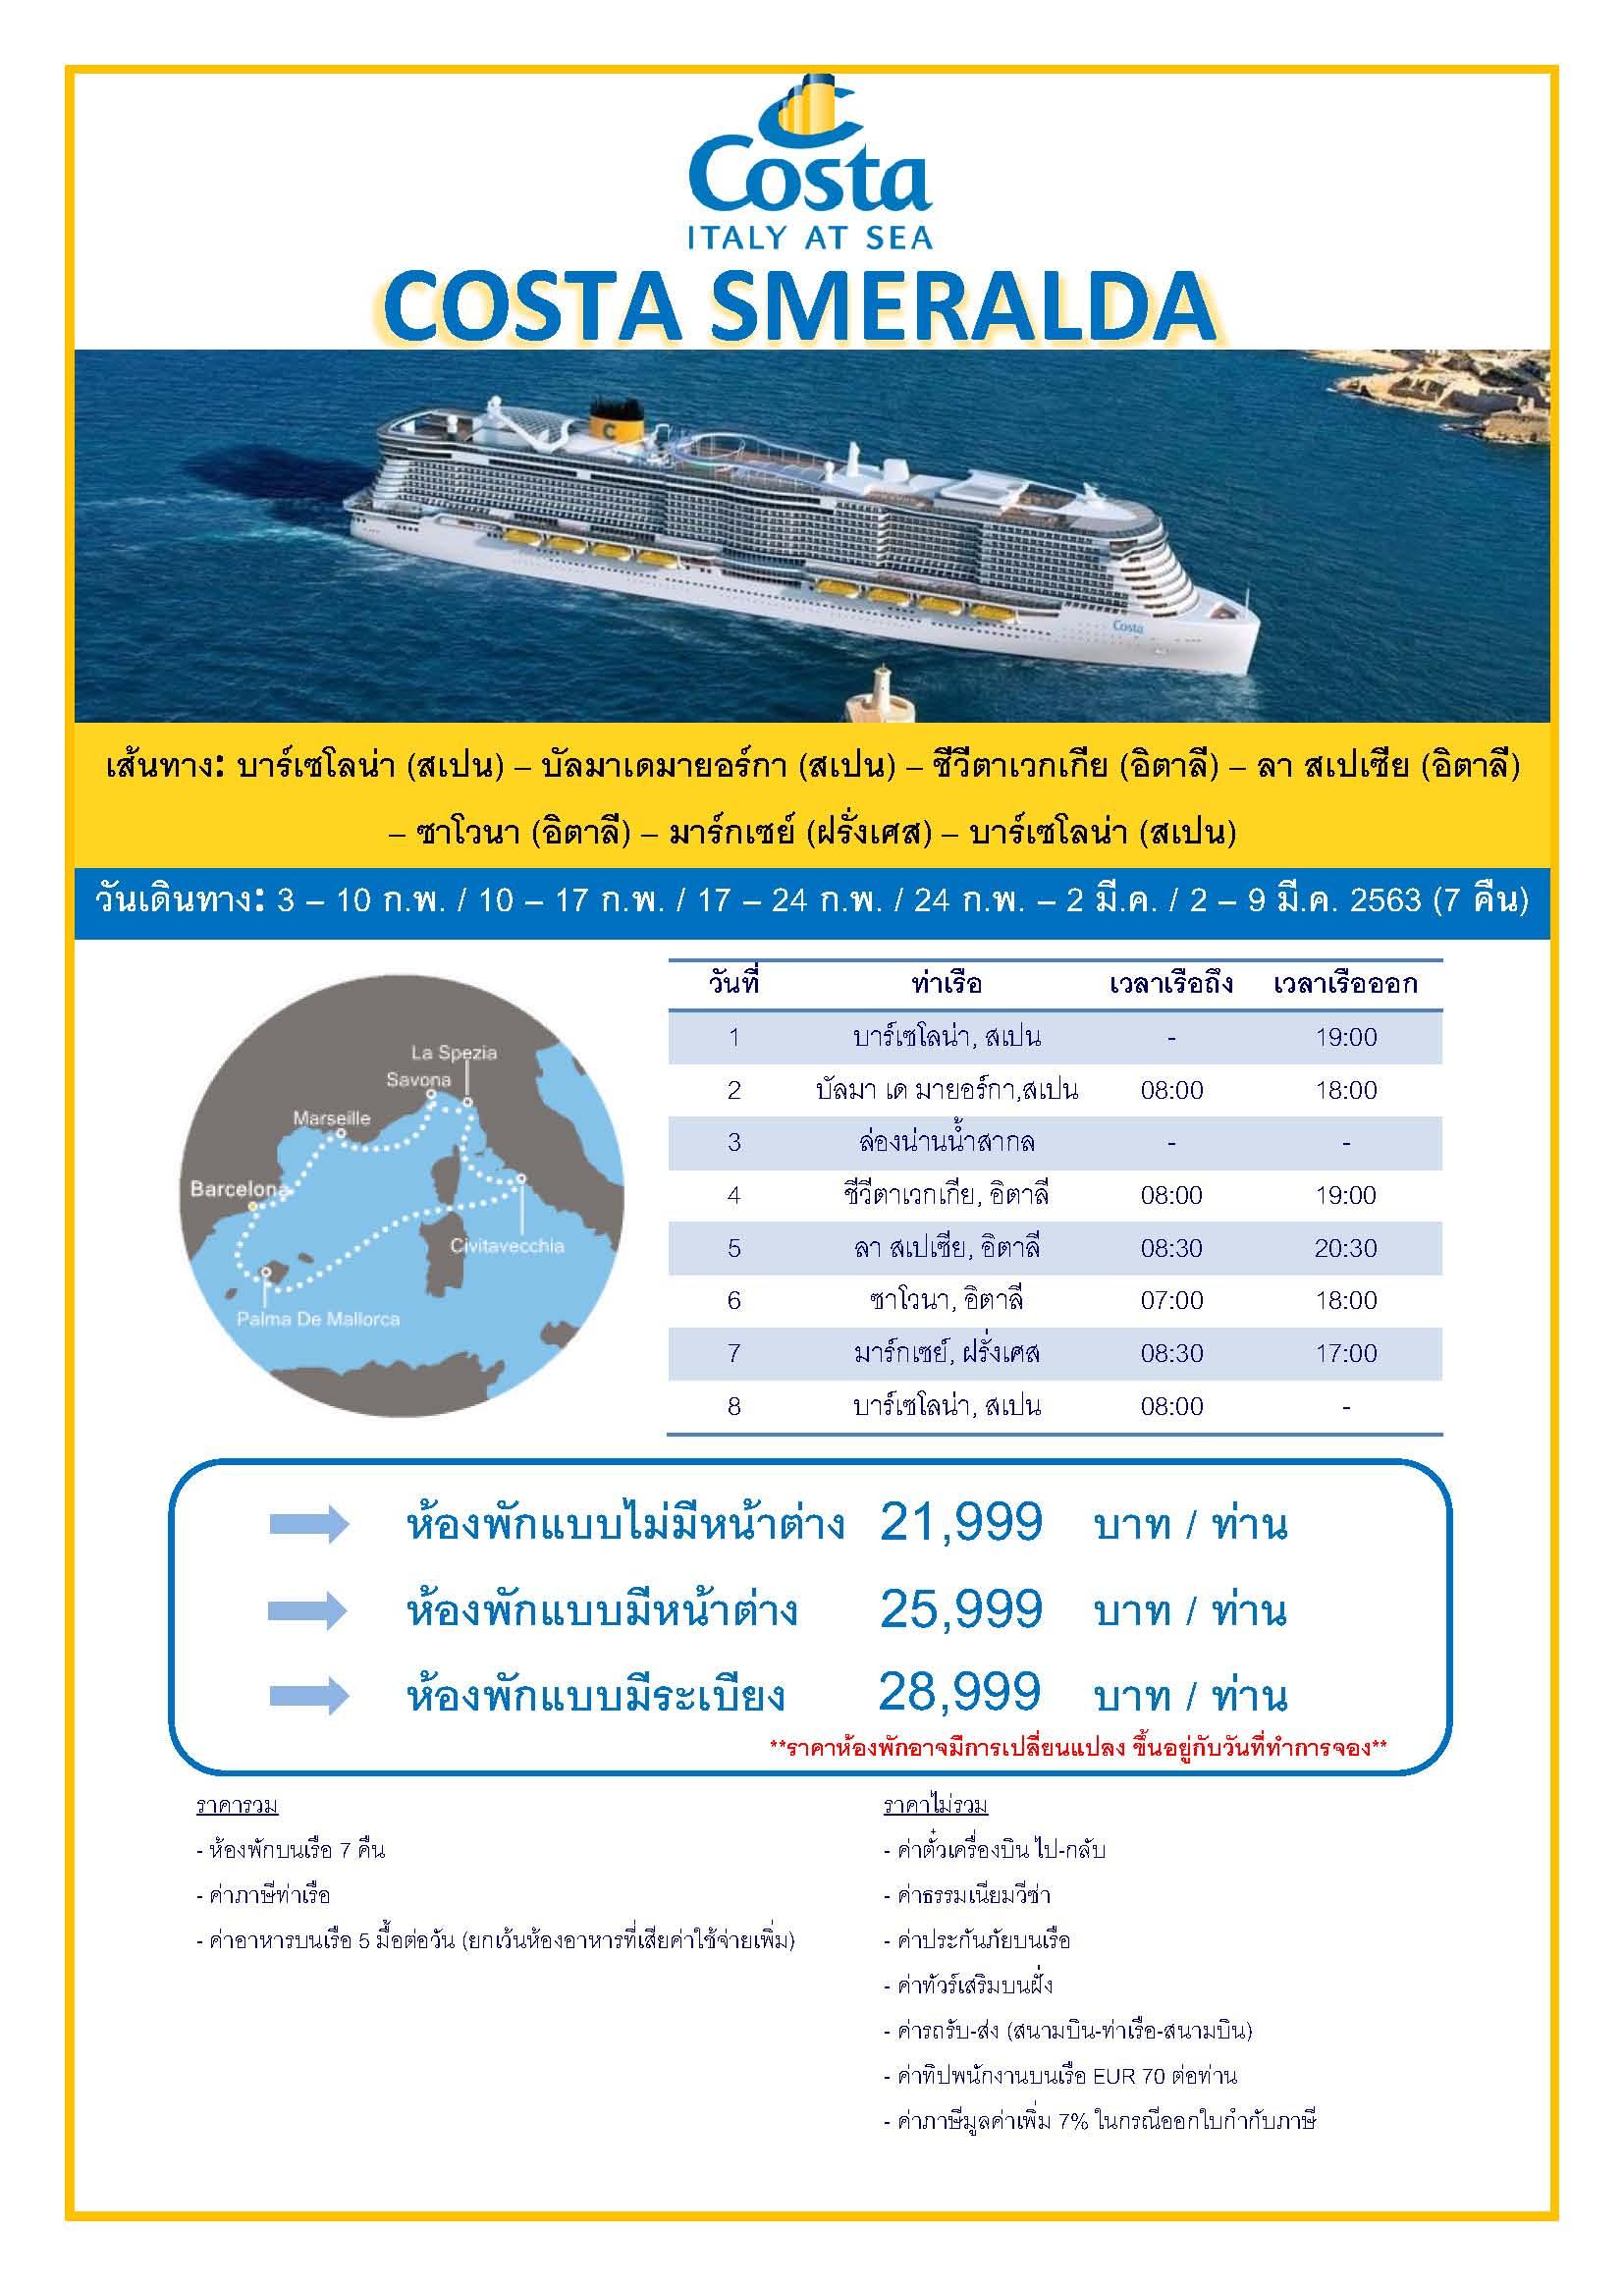 ทัวร์ล่องเรือ-COSTA-SMERALDA-7N-(MAR20)(SMIJH-0203)